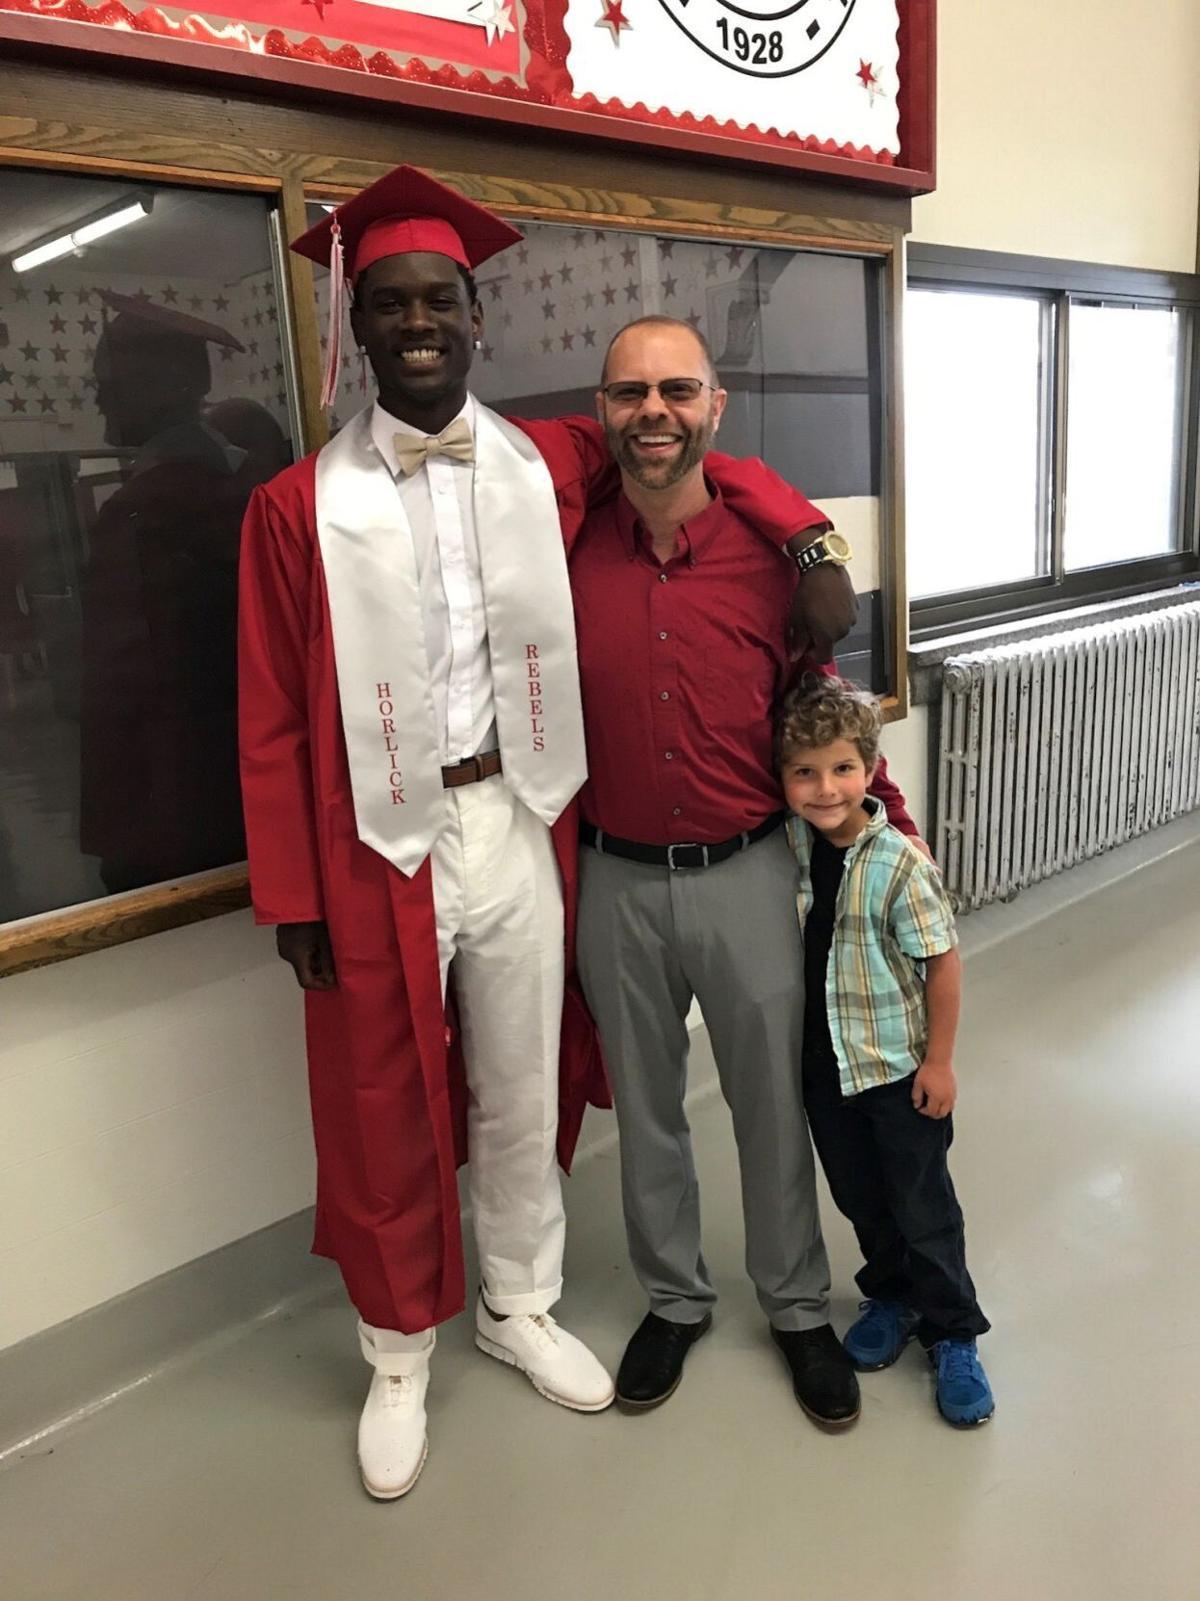 Jason Treutelaar, Marcus Caldwell and son